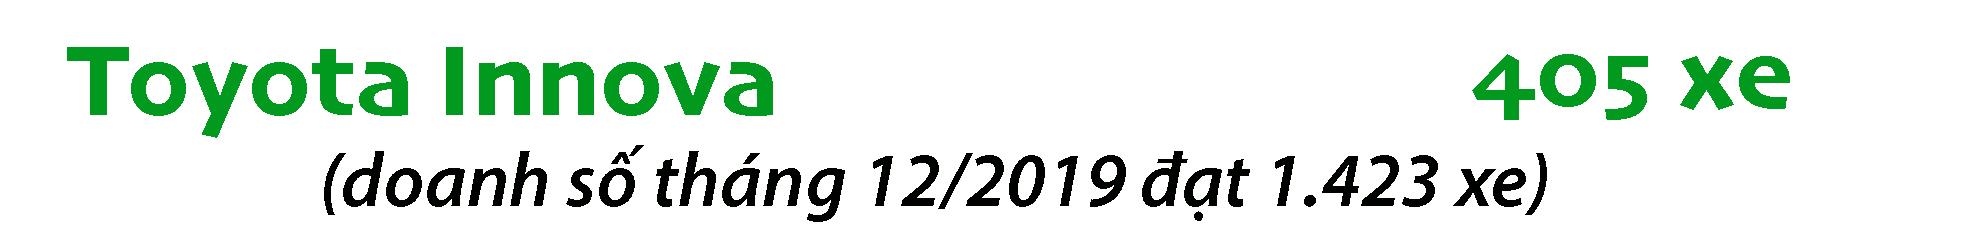 Phân khúc MPV tháng 1/2020: Toyota Innova bị Mitsubishi Xpander bỏ xa - 5